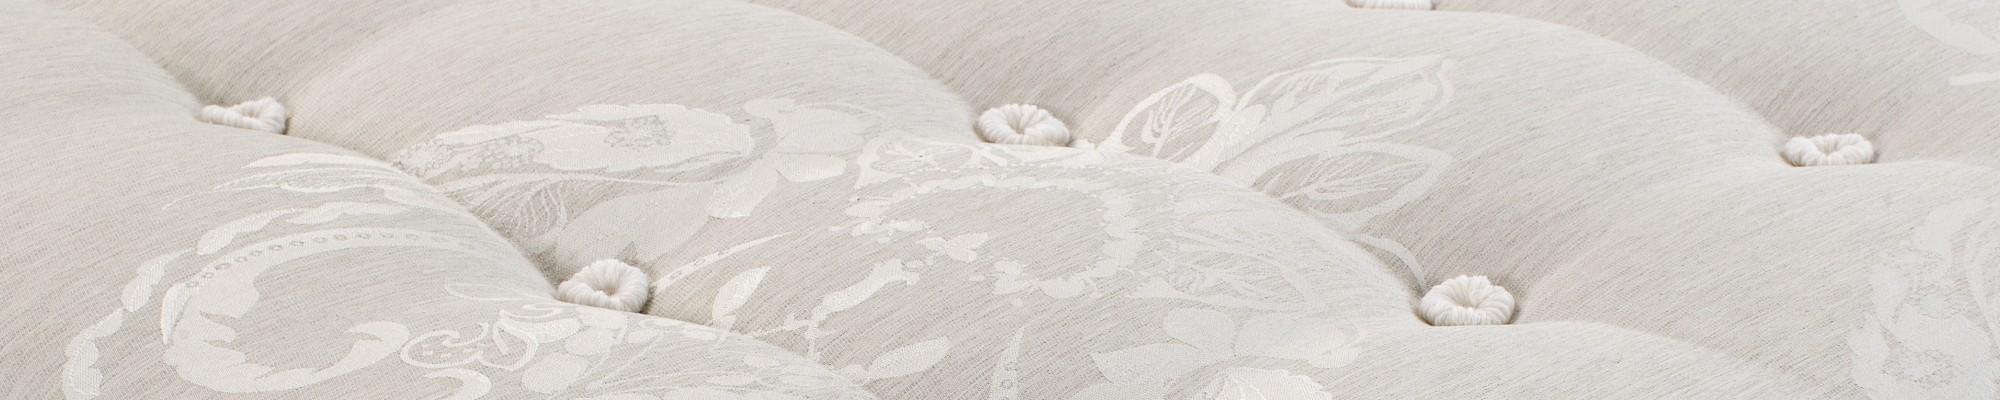 Imagen Detalle 2 - Mármara 27